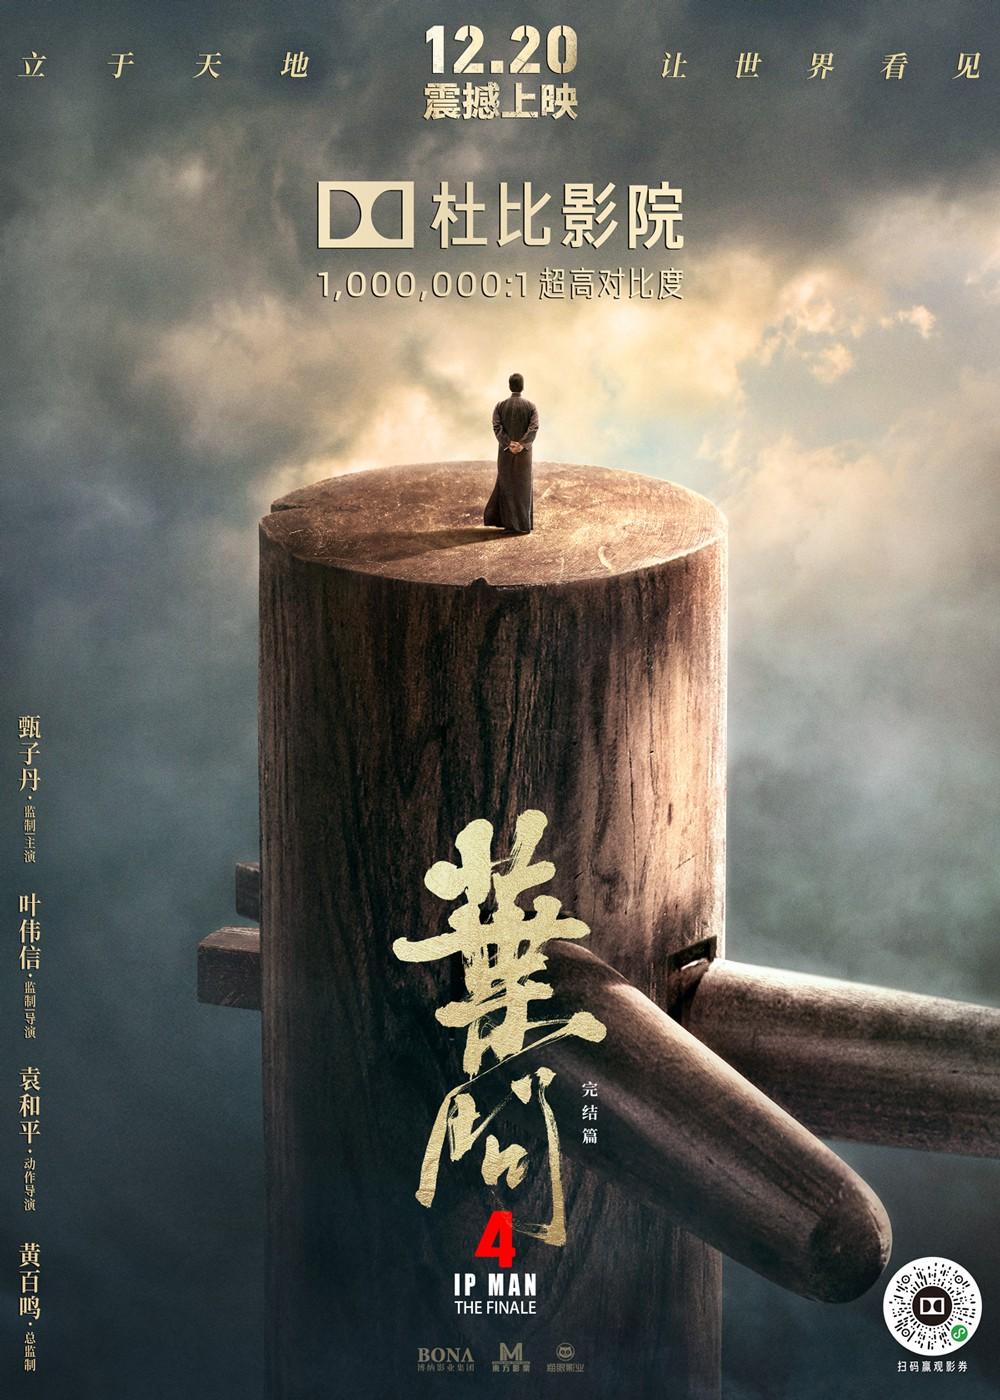 《叶问4》杜比影院海报 甄子丹出演的最后一部功夫片